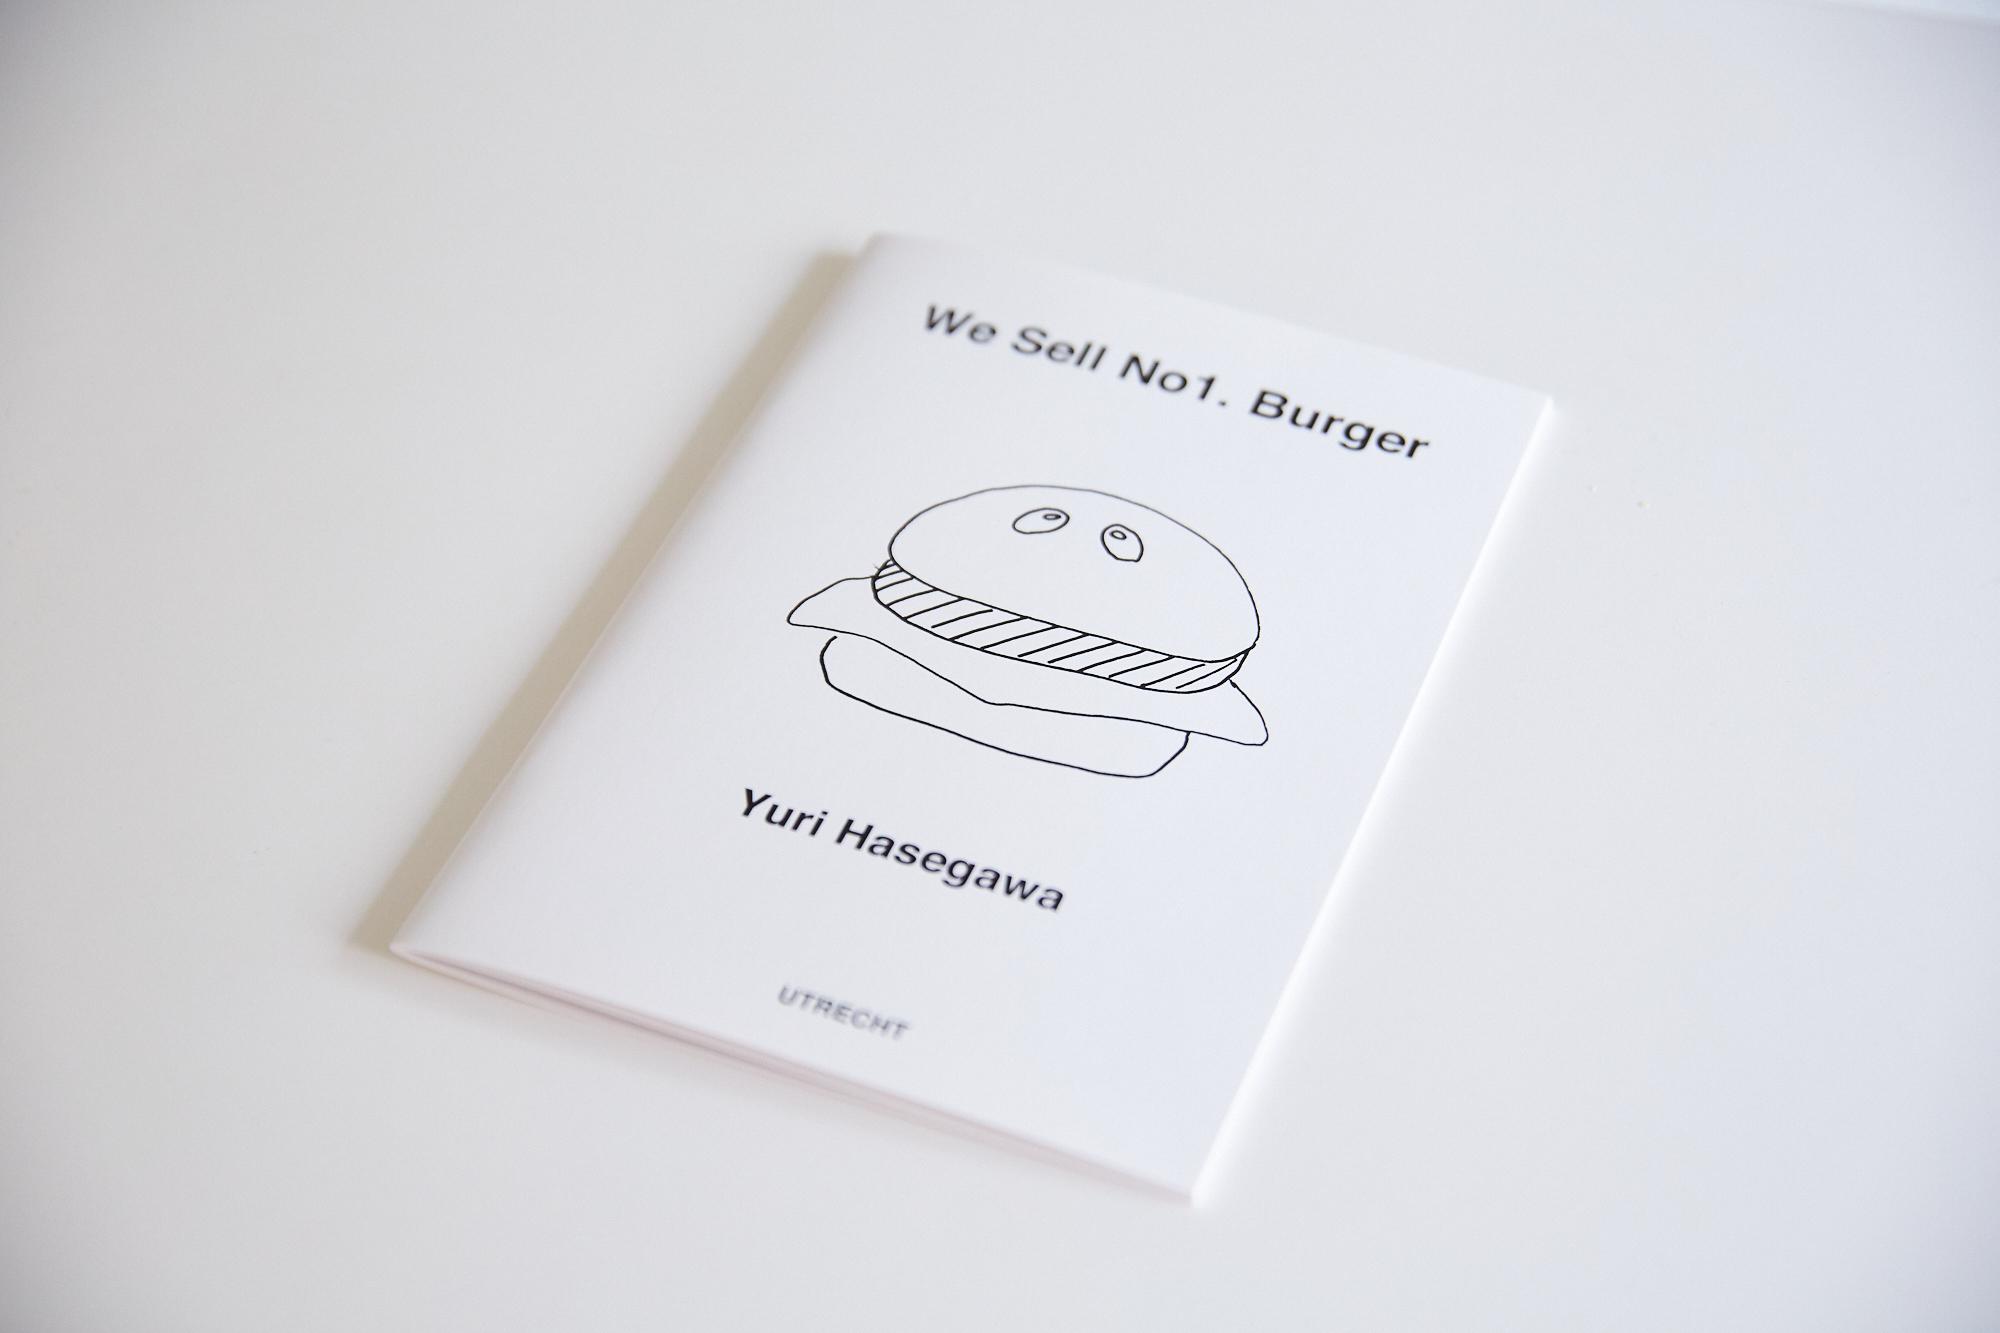 『We Sell No1. Burger』